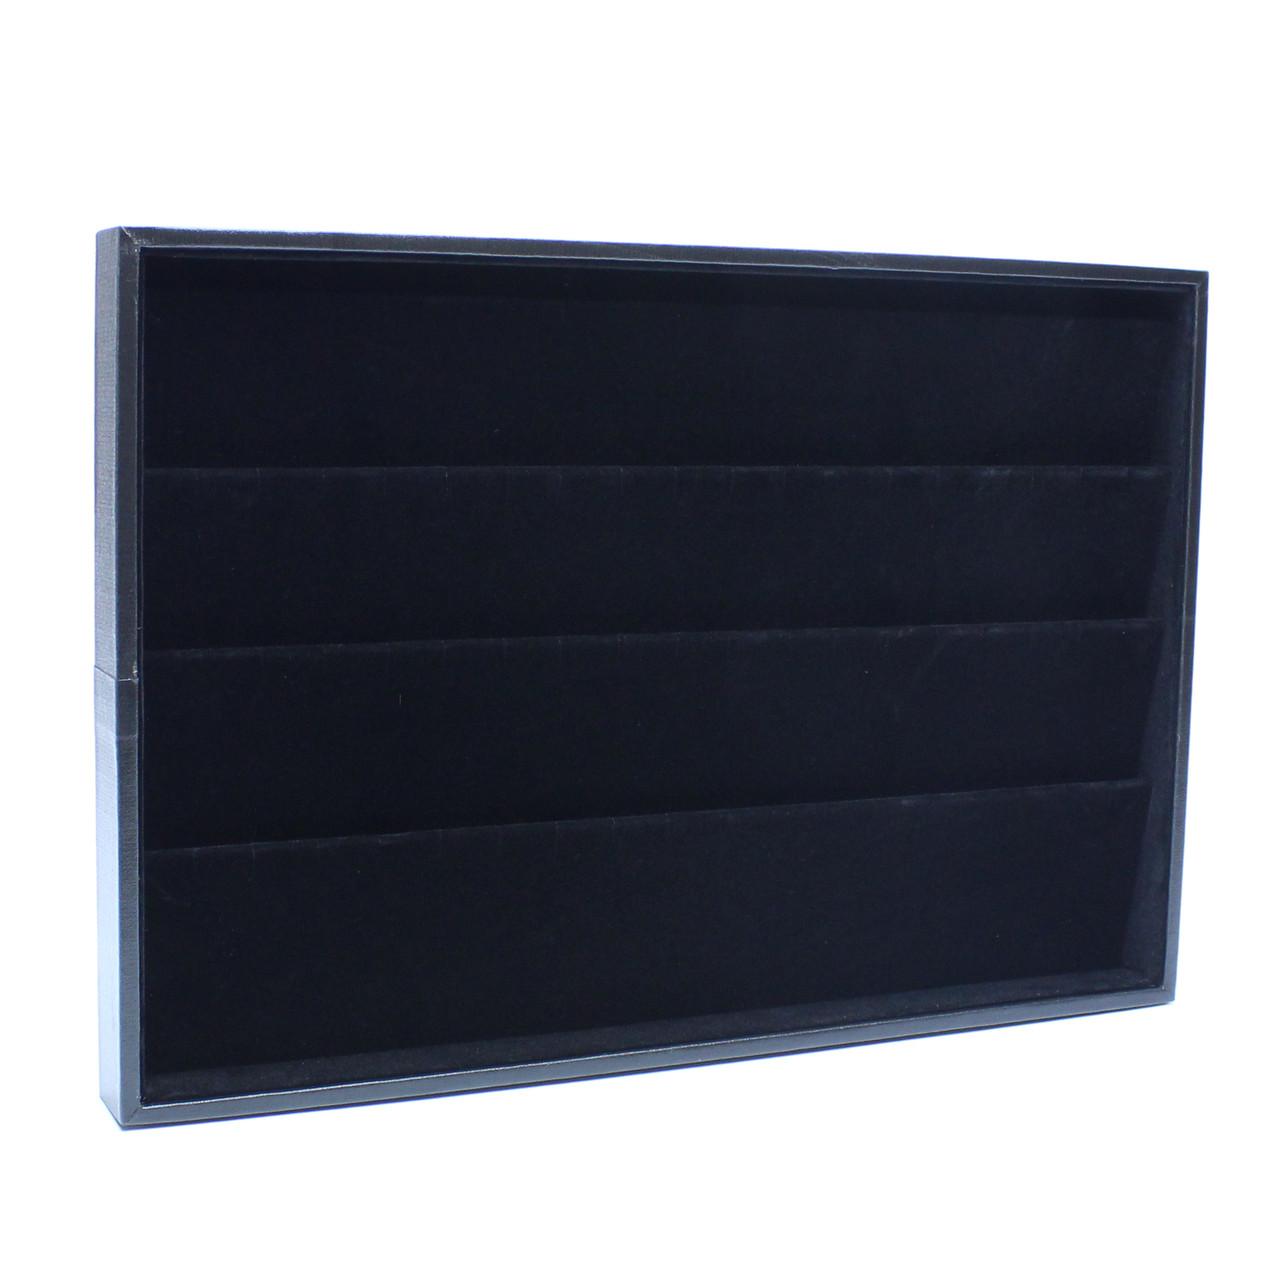 Планшет ювелирный «Под серьги и кулоны черная бархат 35 х 24 х 3 см»